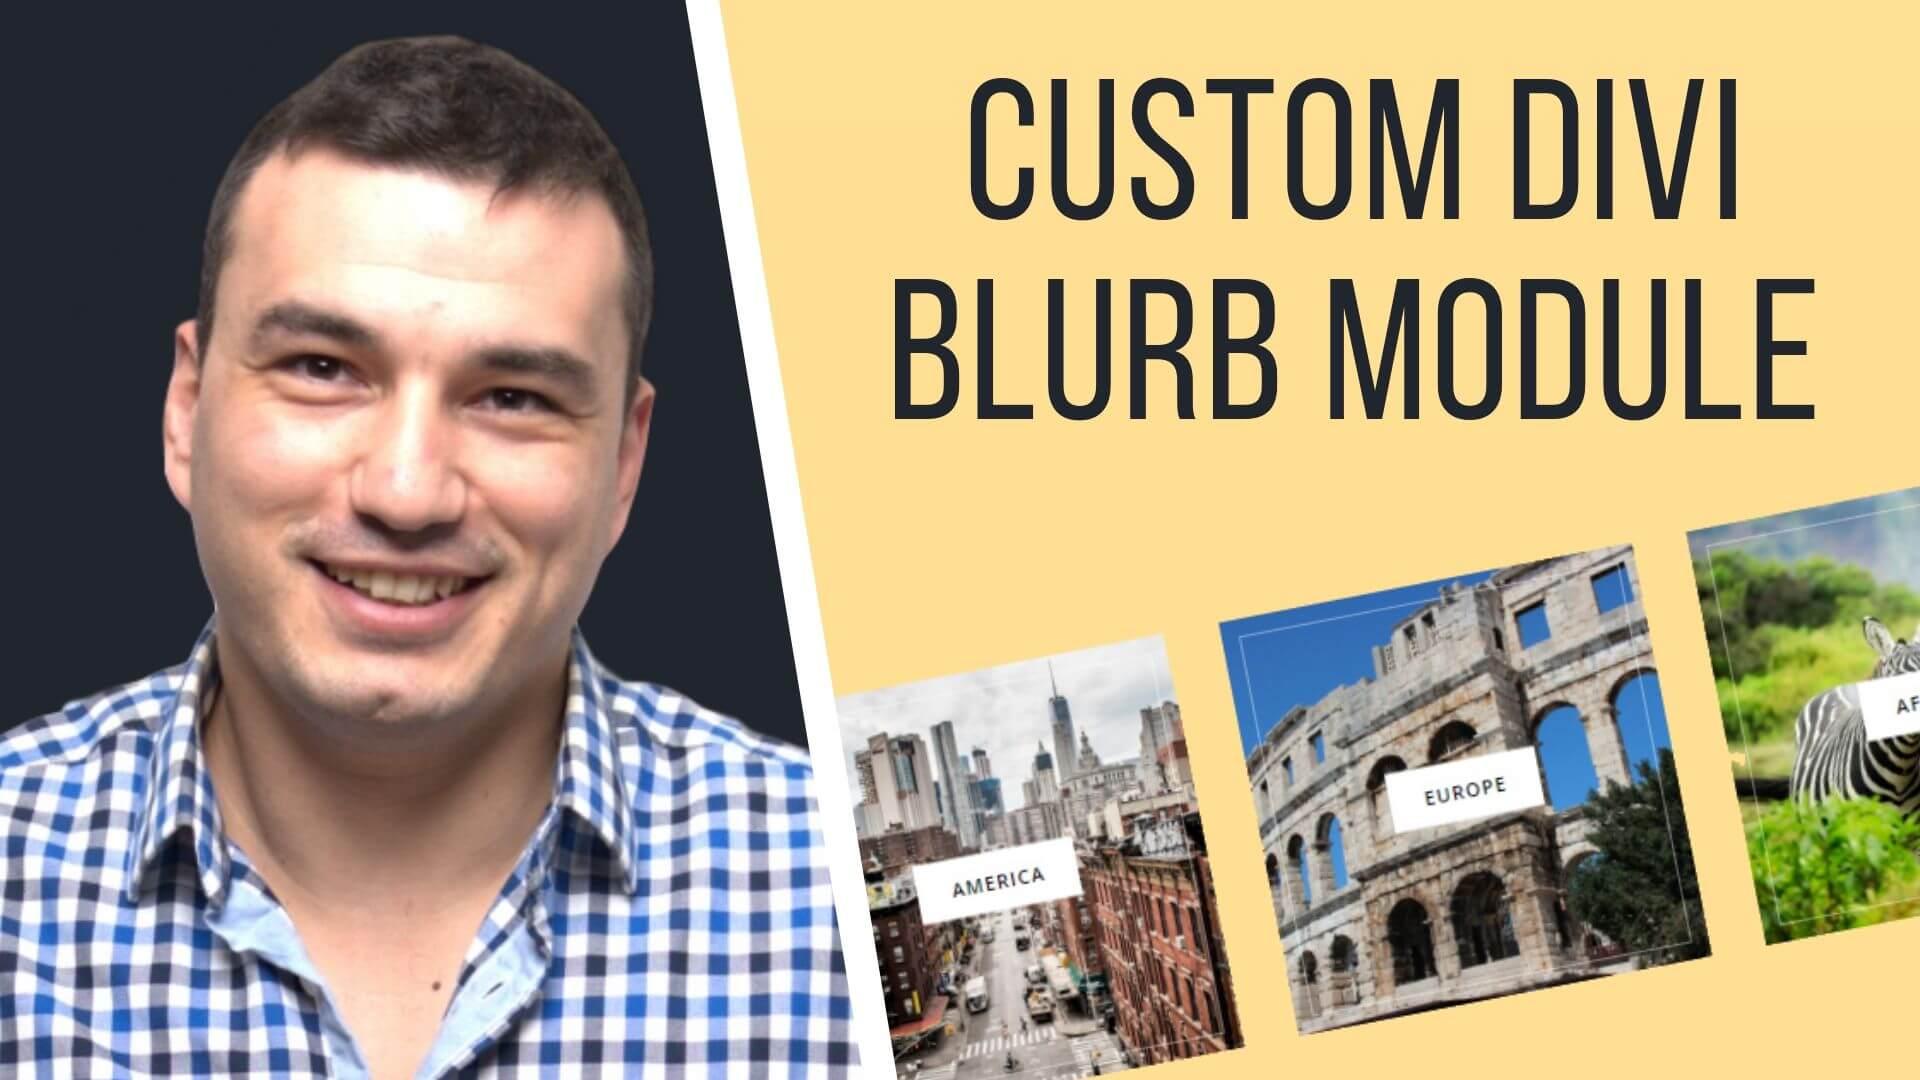 How to make a custom DIVI Blurb module